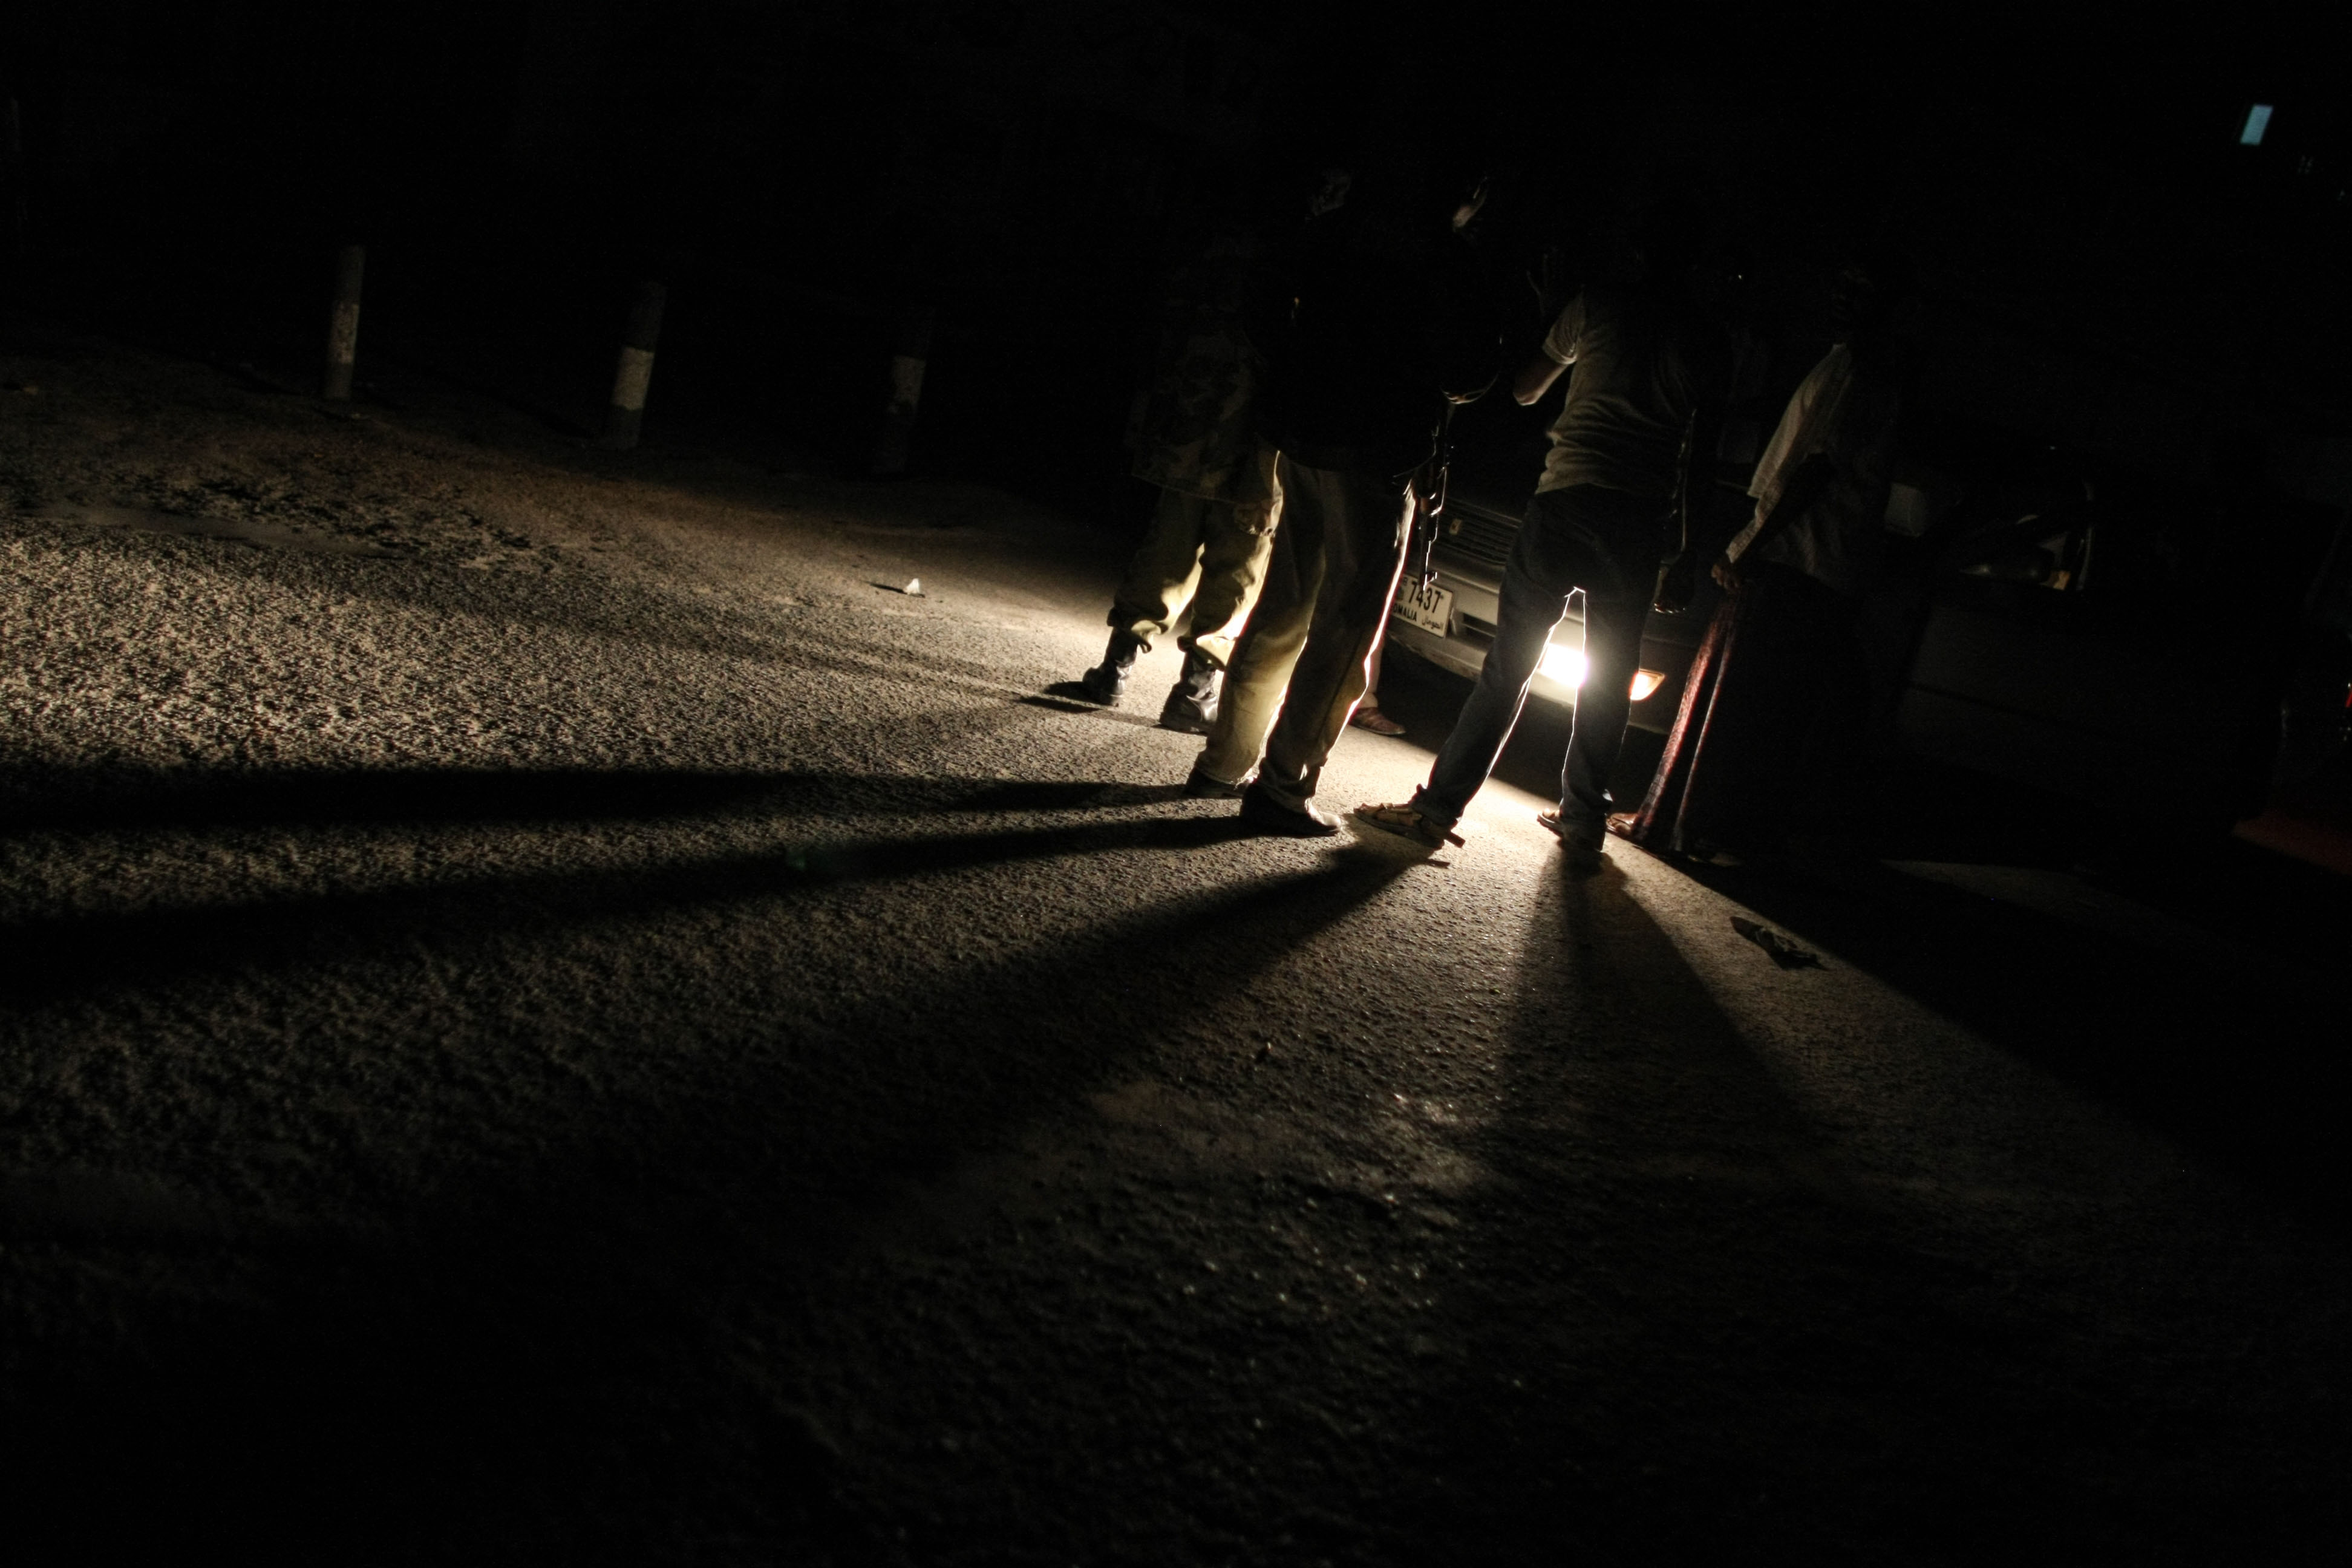 Behörden fürchten, bald im Dunkeln zu stehen. Foto: öffentliche Domäne